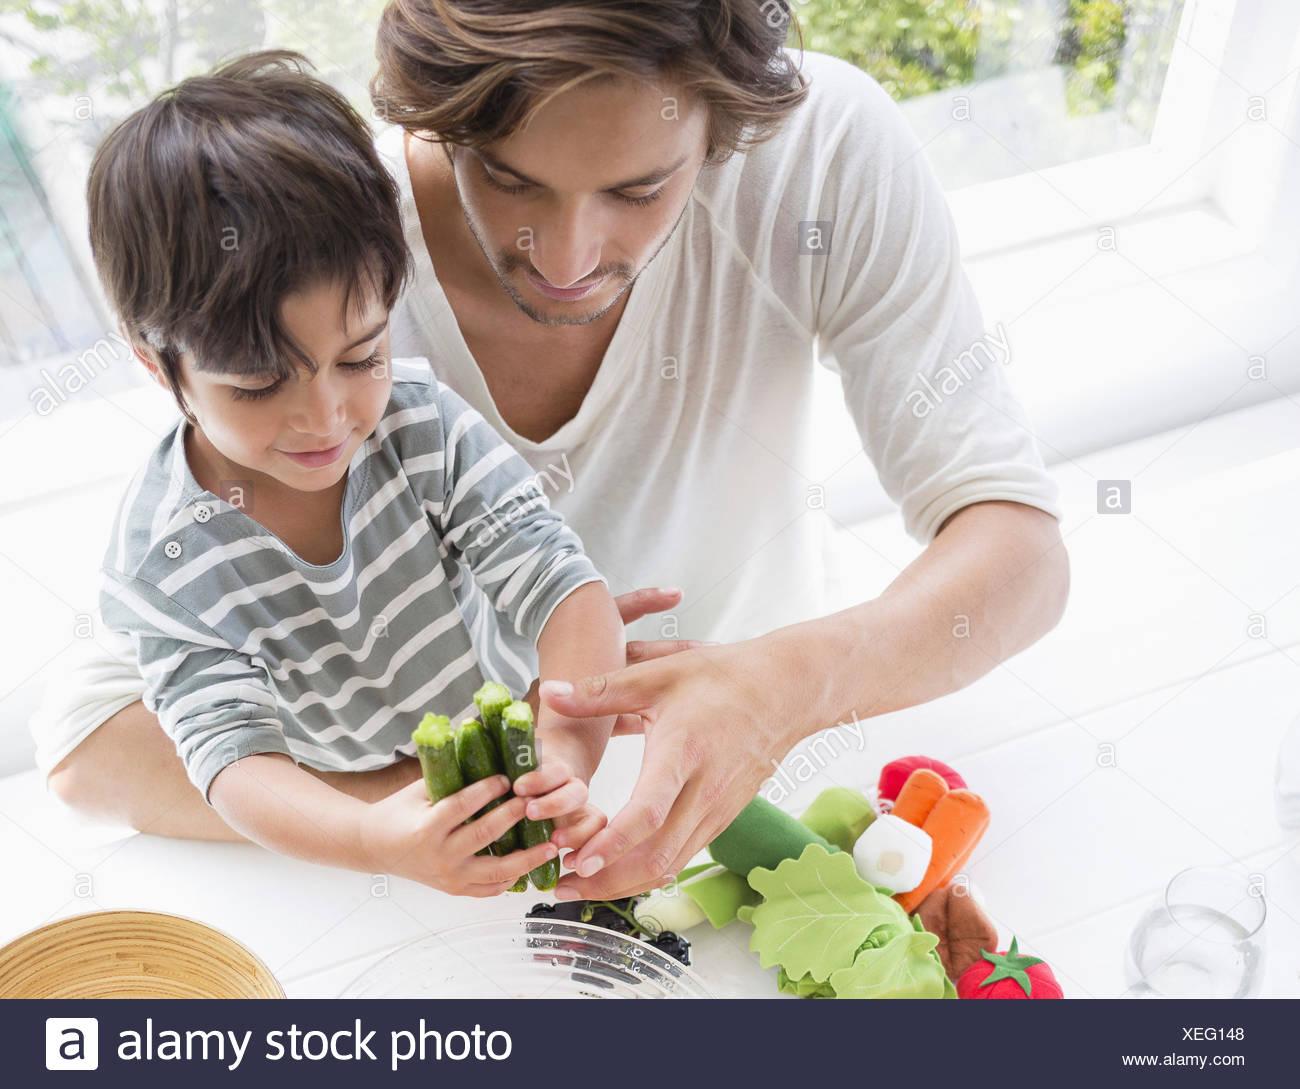 Felice famiglia giovane preparare verdura a casa Immagini Stock